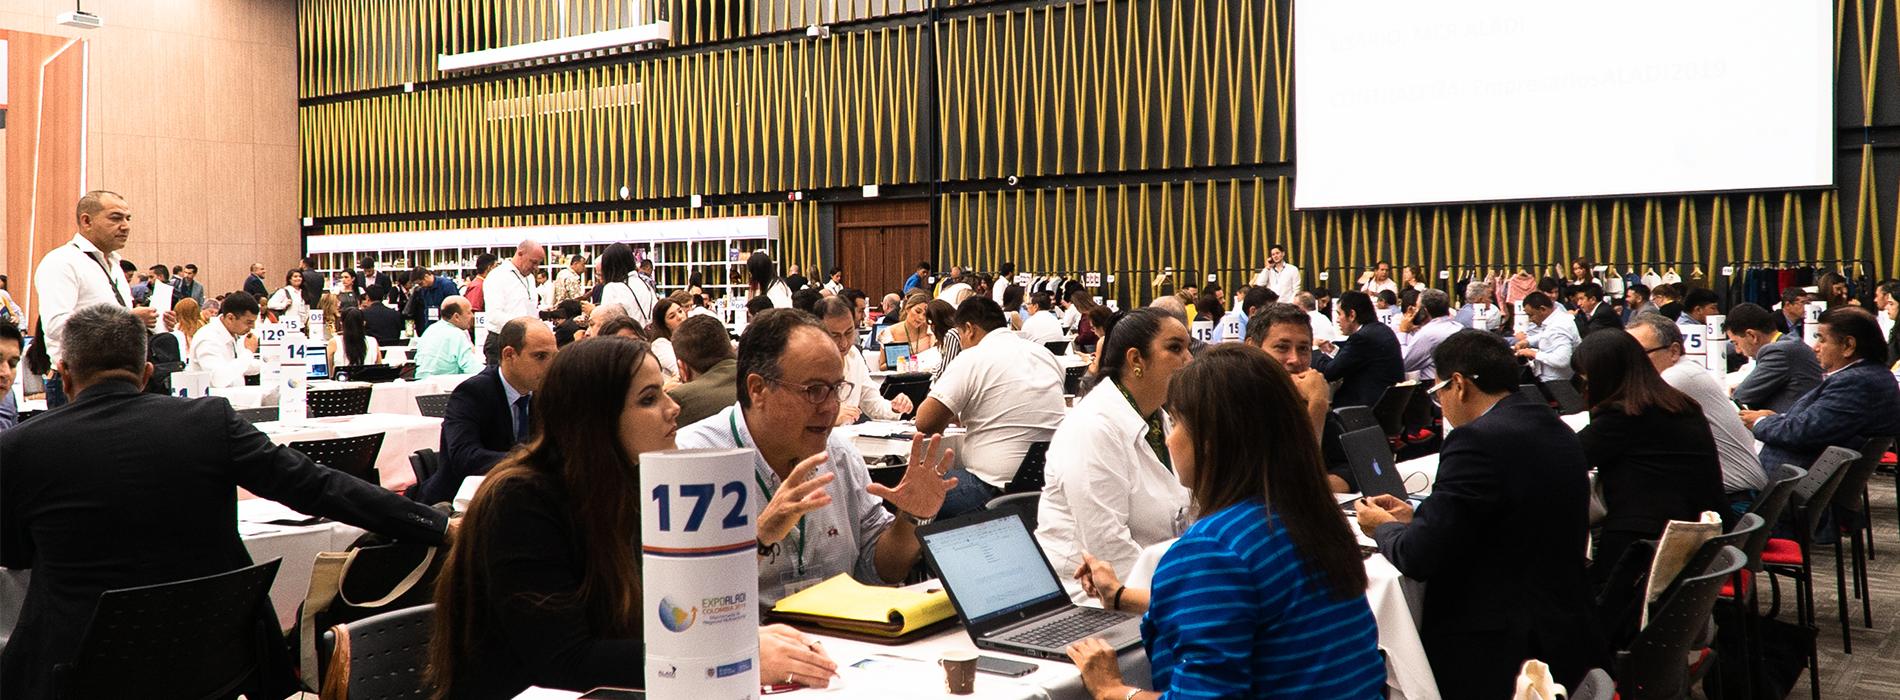 Macrorrueda de Negocios Shanghái 2019. Asiáticos interesados en bienes y servicios colombianos | Especiales | Variedades | EL FRENTE